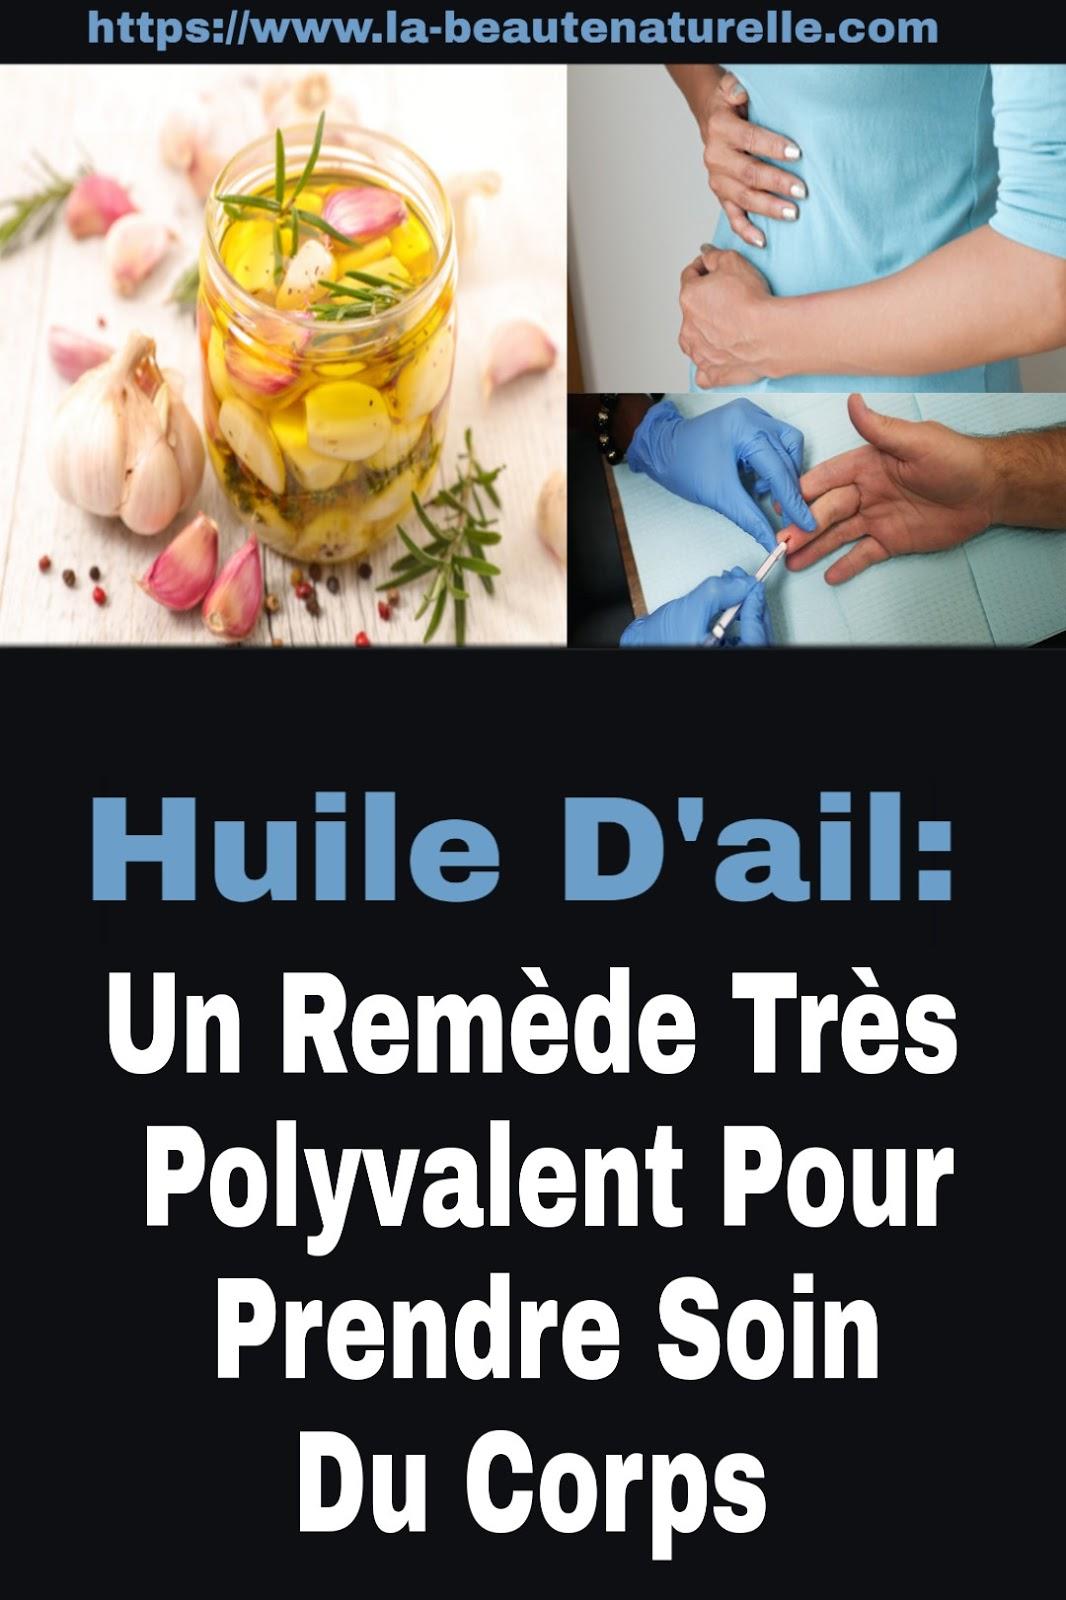 Huile D'ail: Un Remède Très Polyvalent Pour Prendre Soin Du Corps